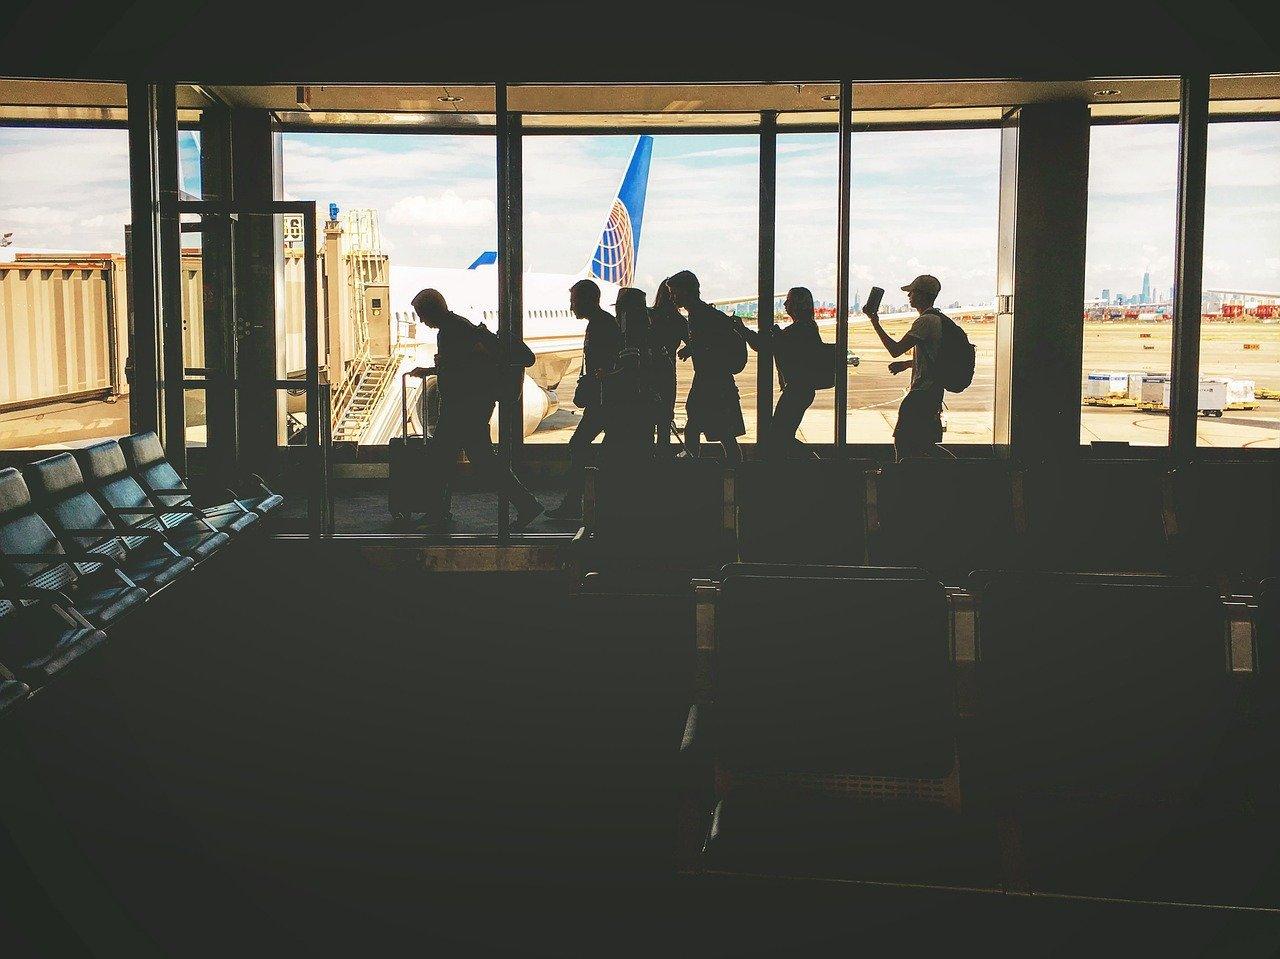 海外への卒業旅行、現在の状況は?